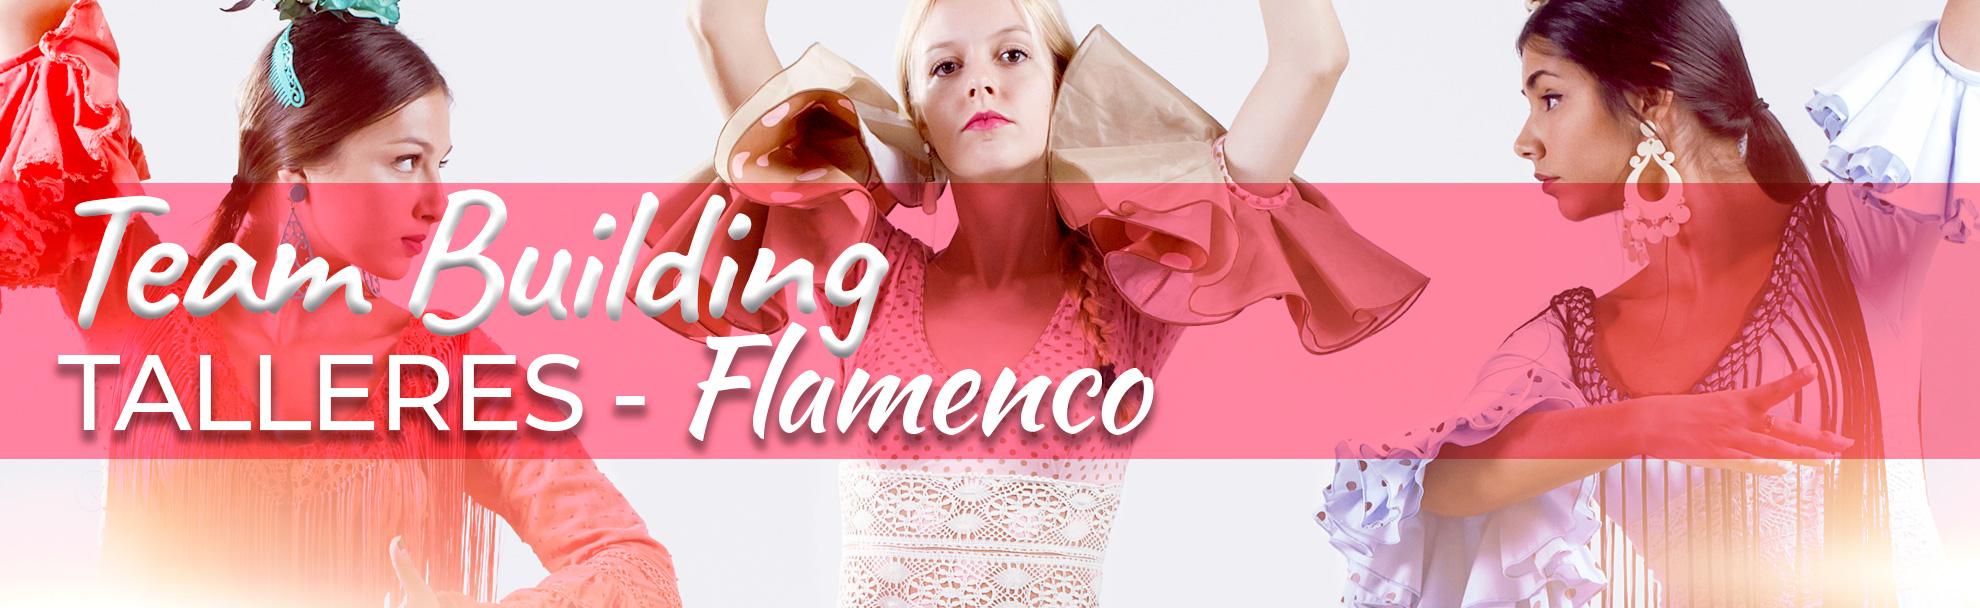 Talleres de flamenco